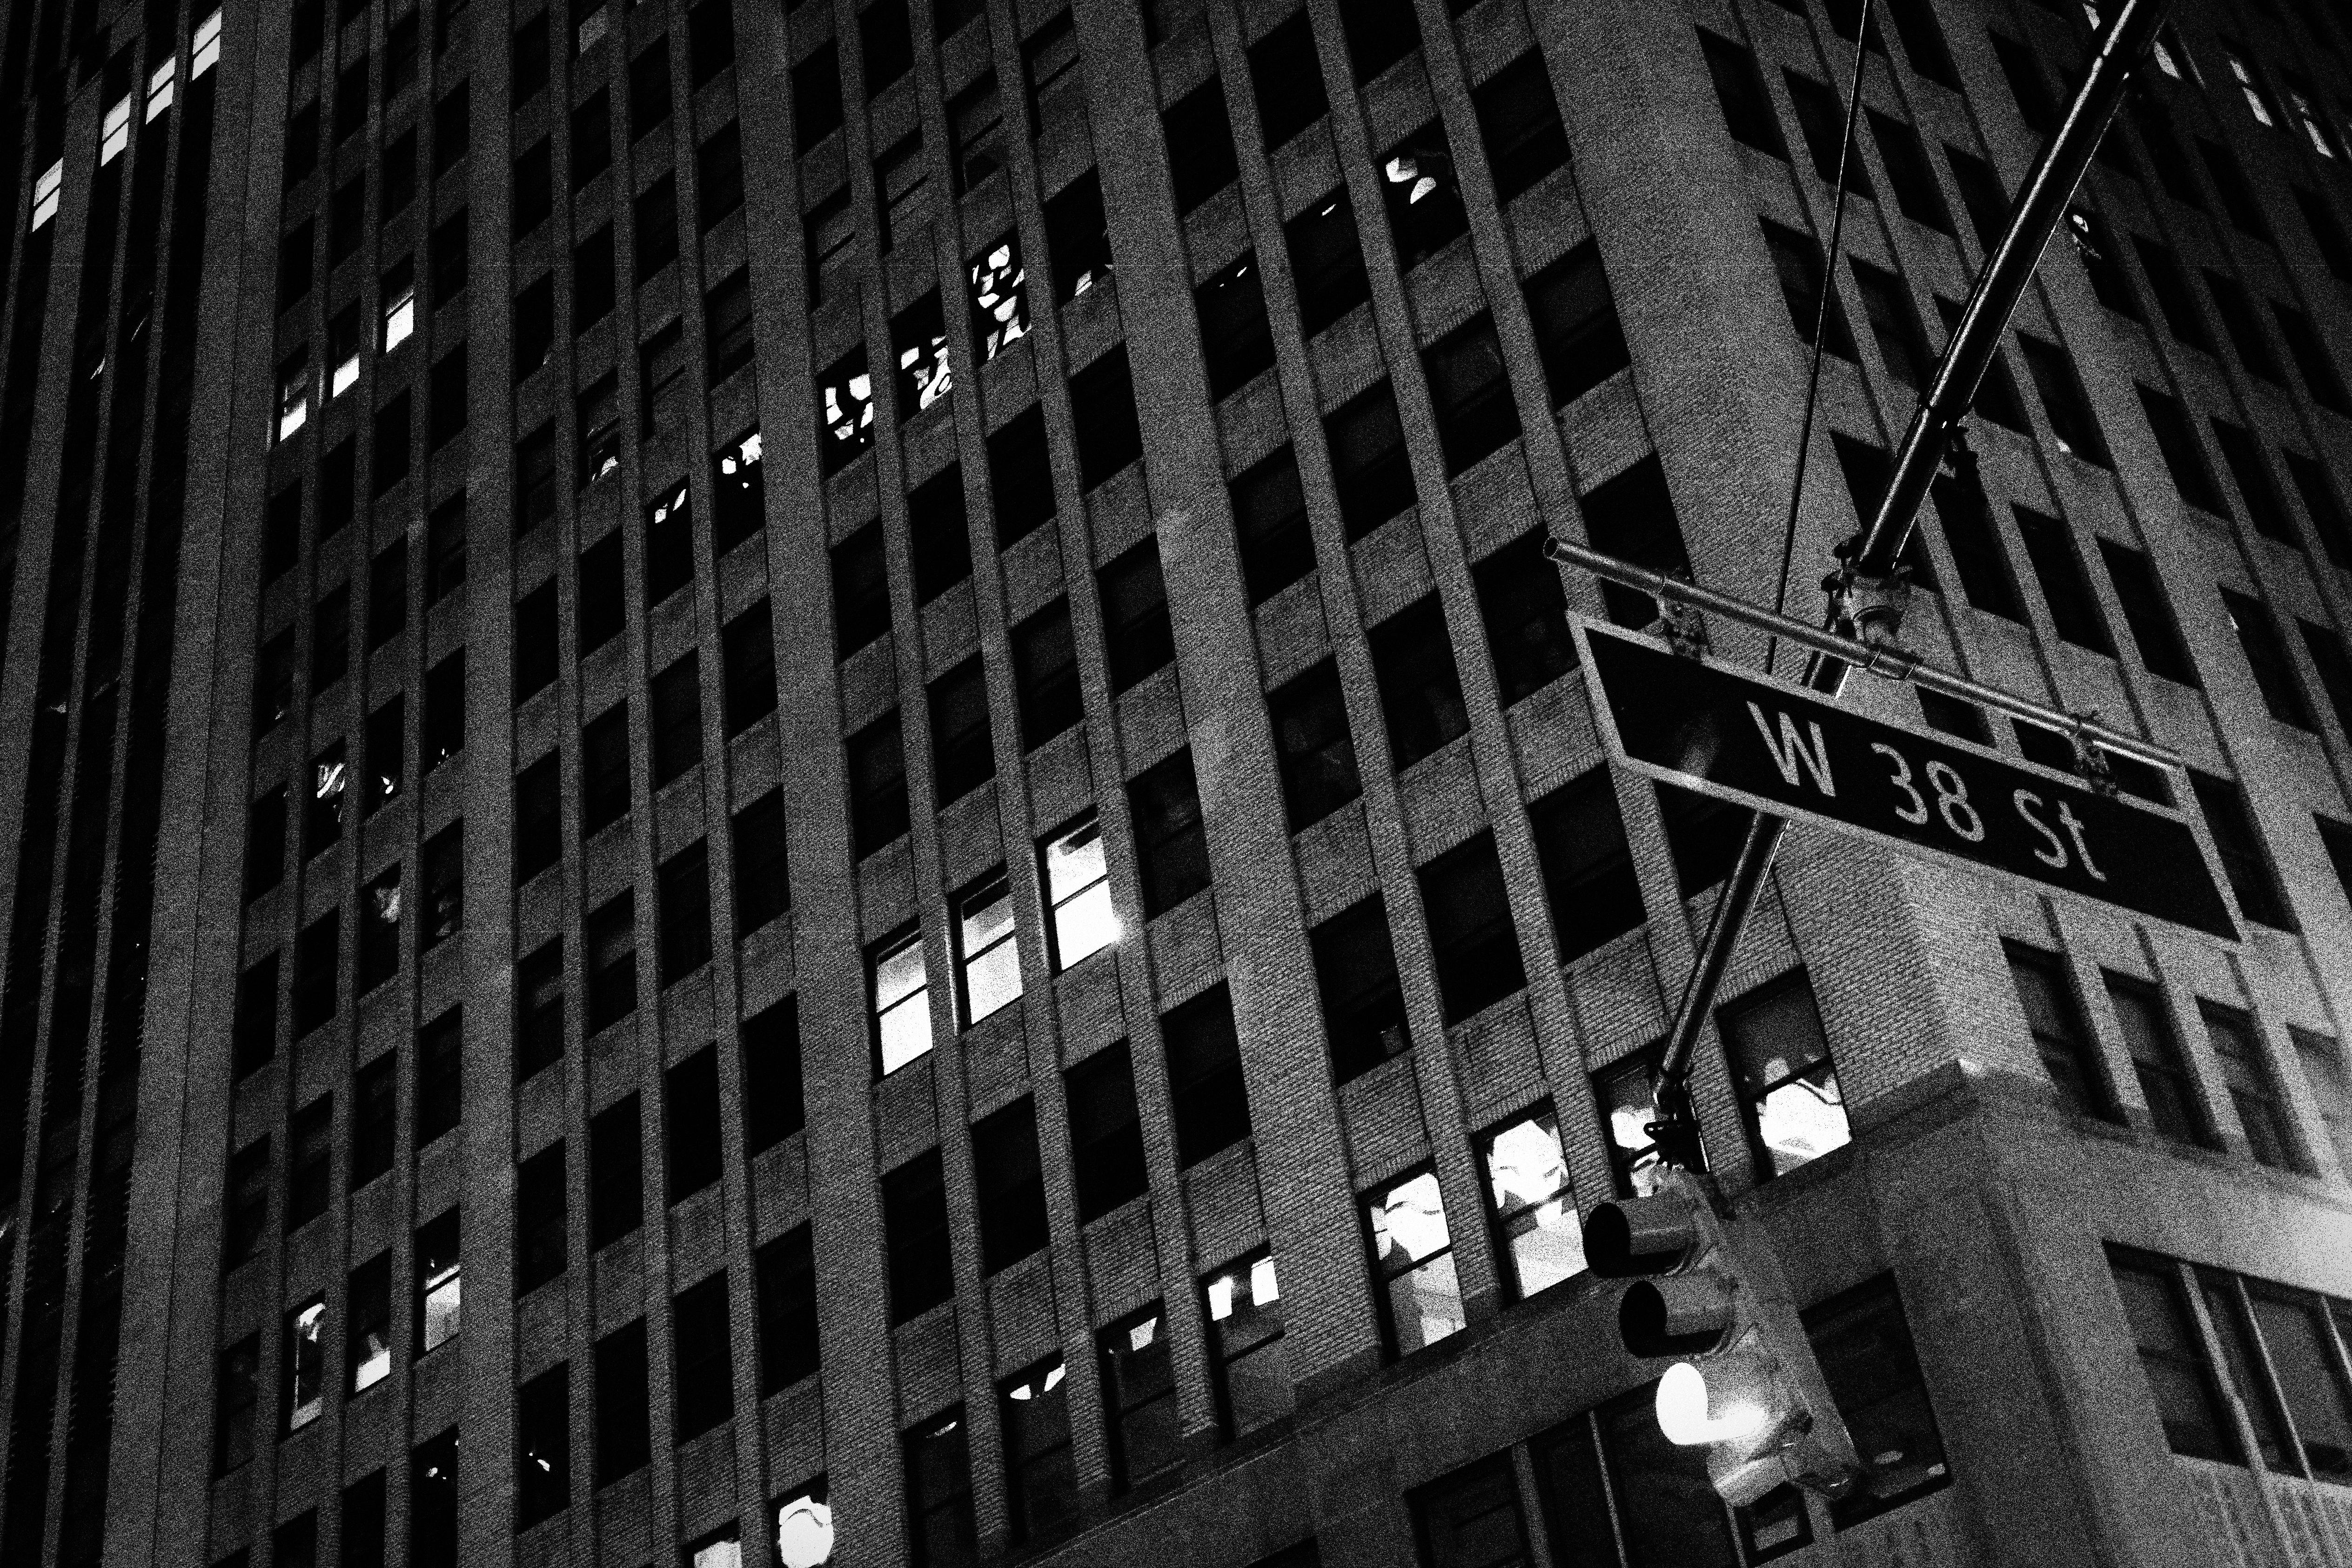 NYC W38St Broadway